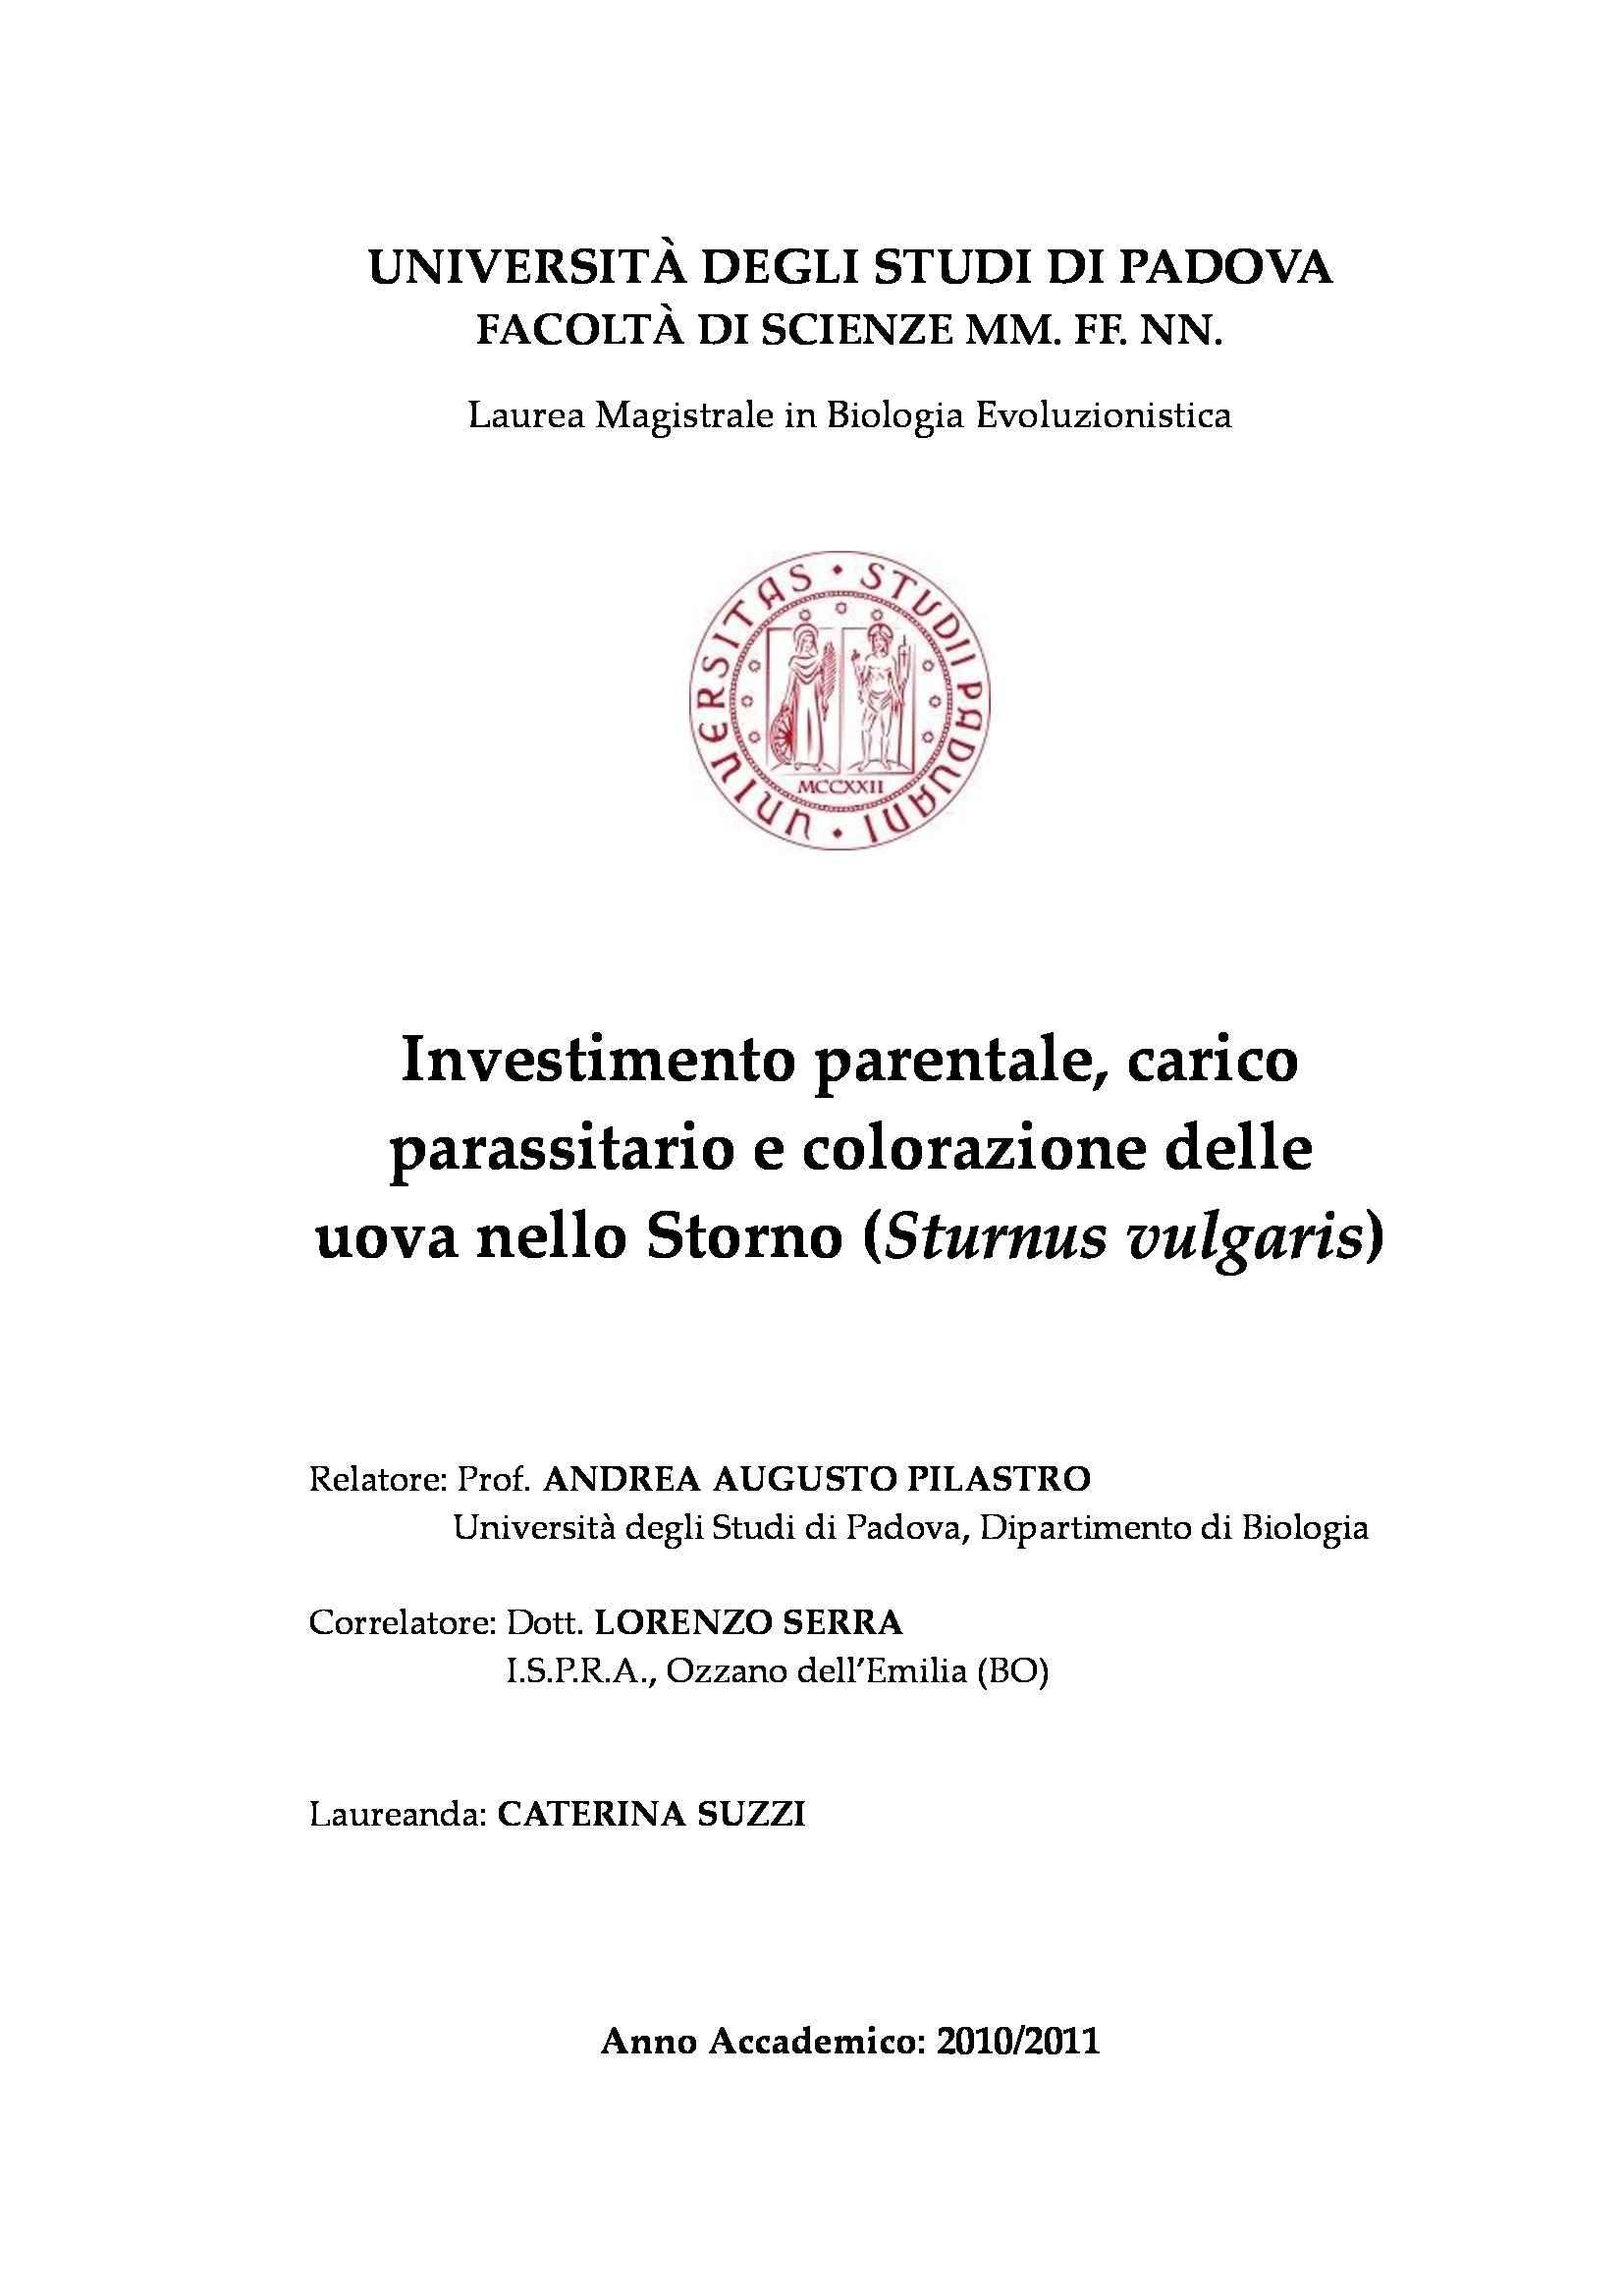 Tesi - Investimento parentale, carico parassitario e colorazione delle uova nello Storno (Sturnus vulgaris)